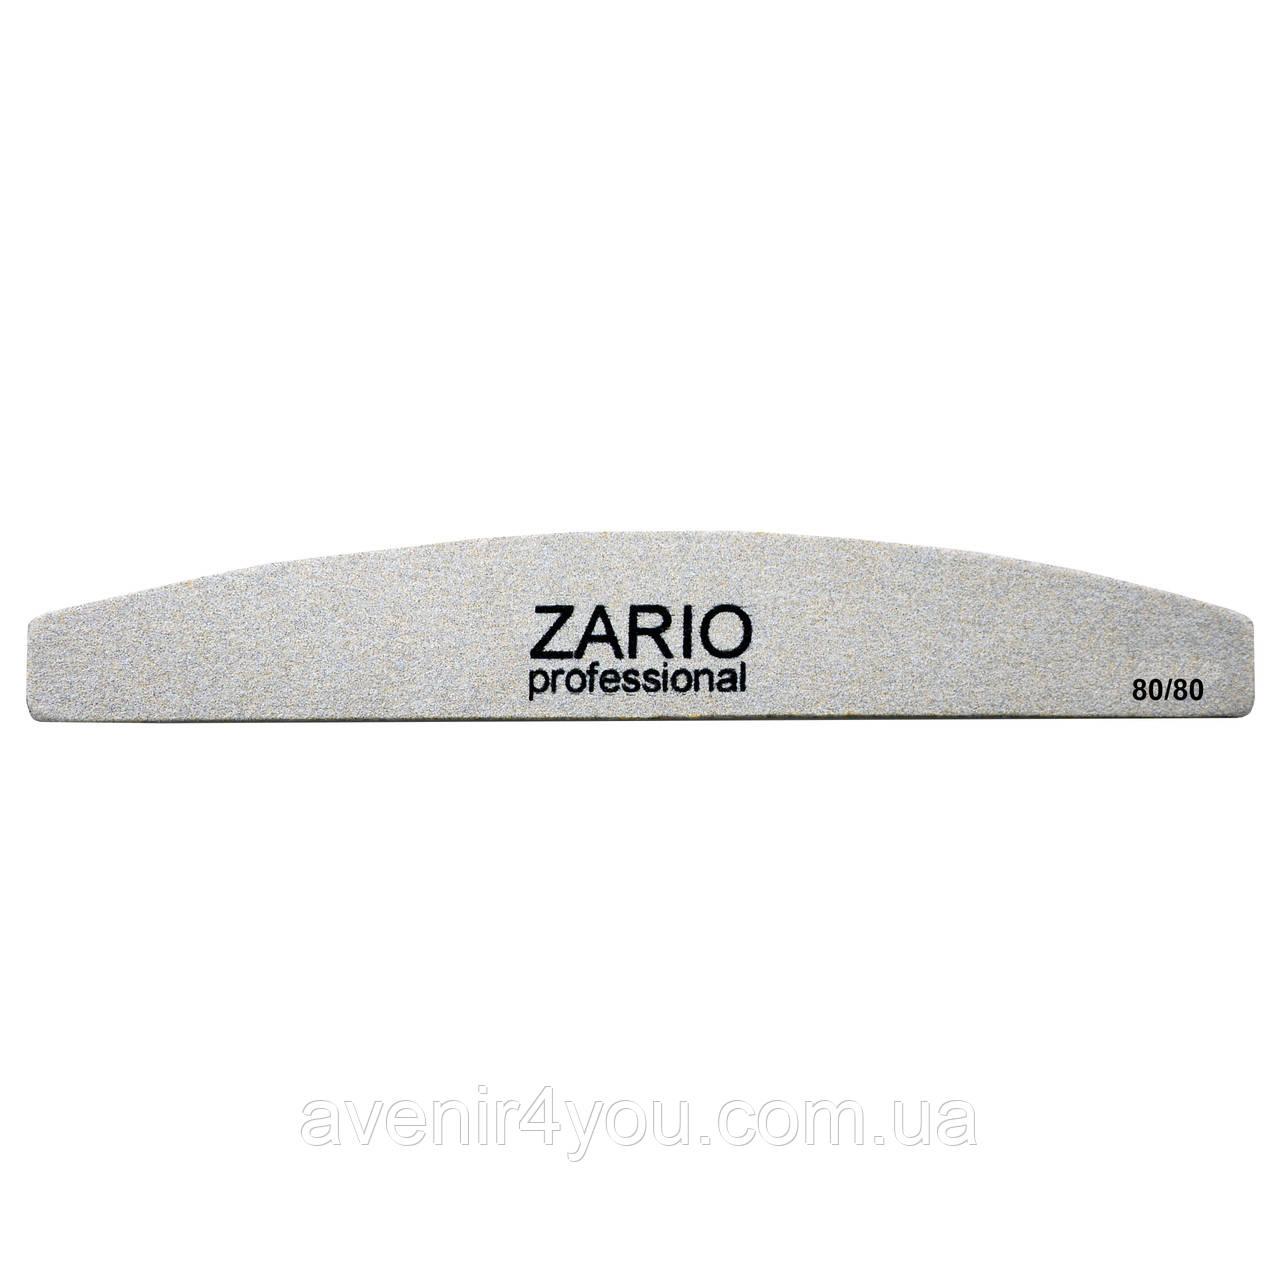 Тонкая пилка для ногтей Zario 80/80 грит Месяц